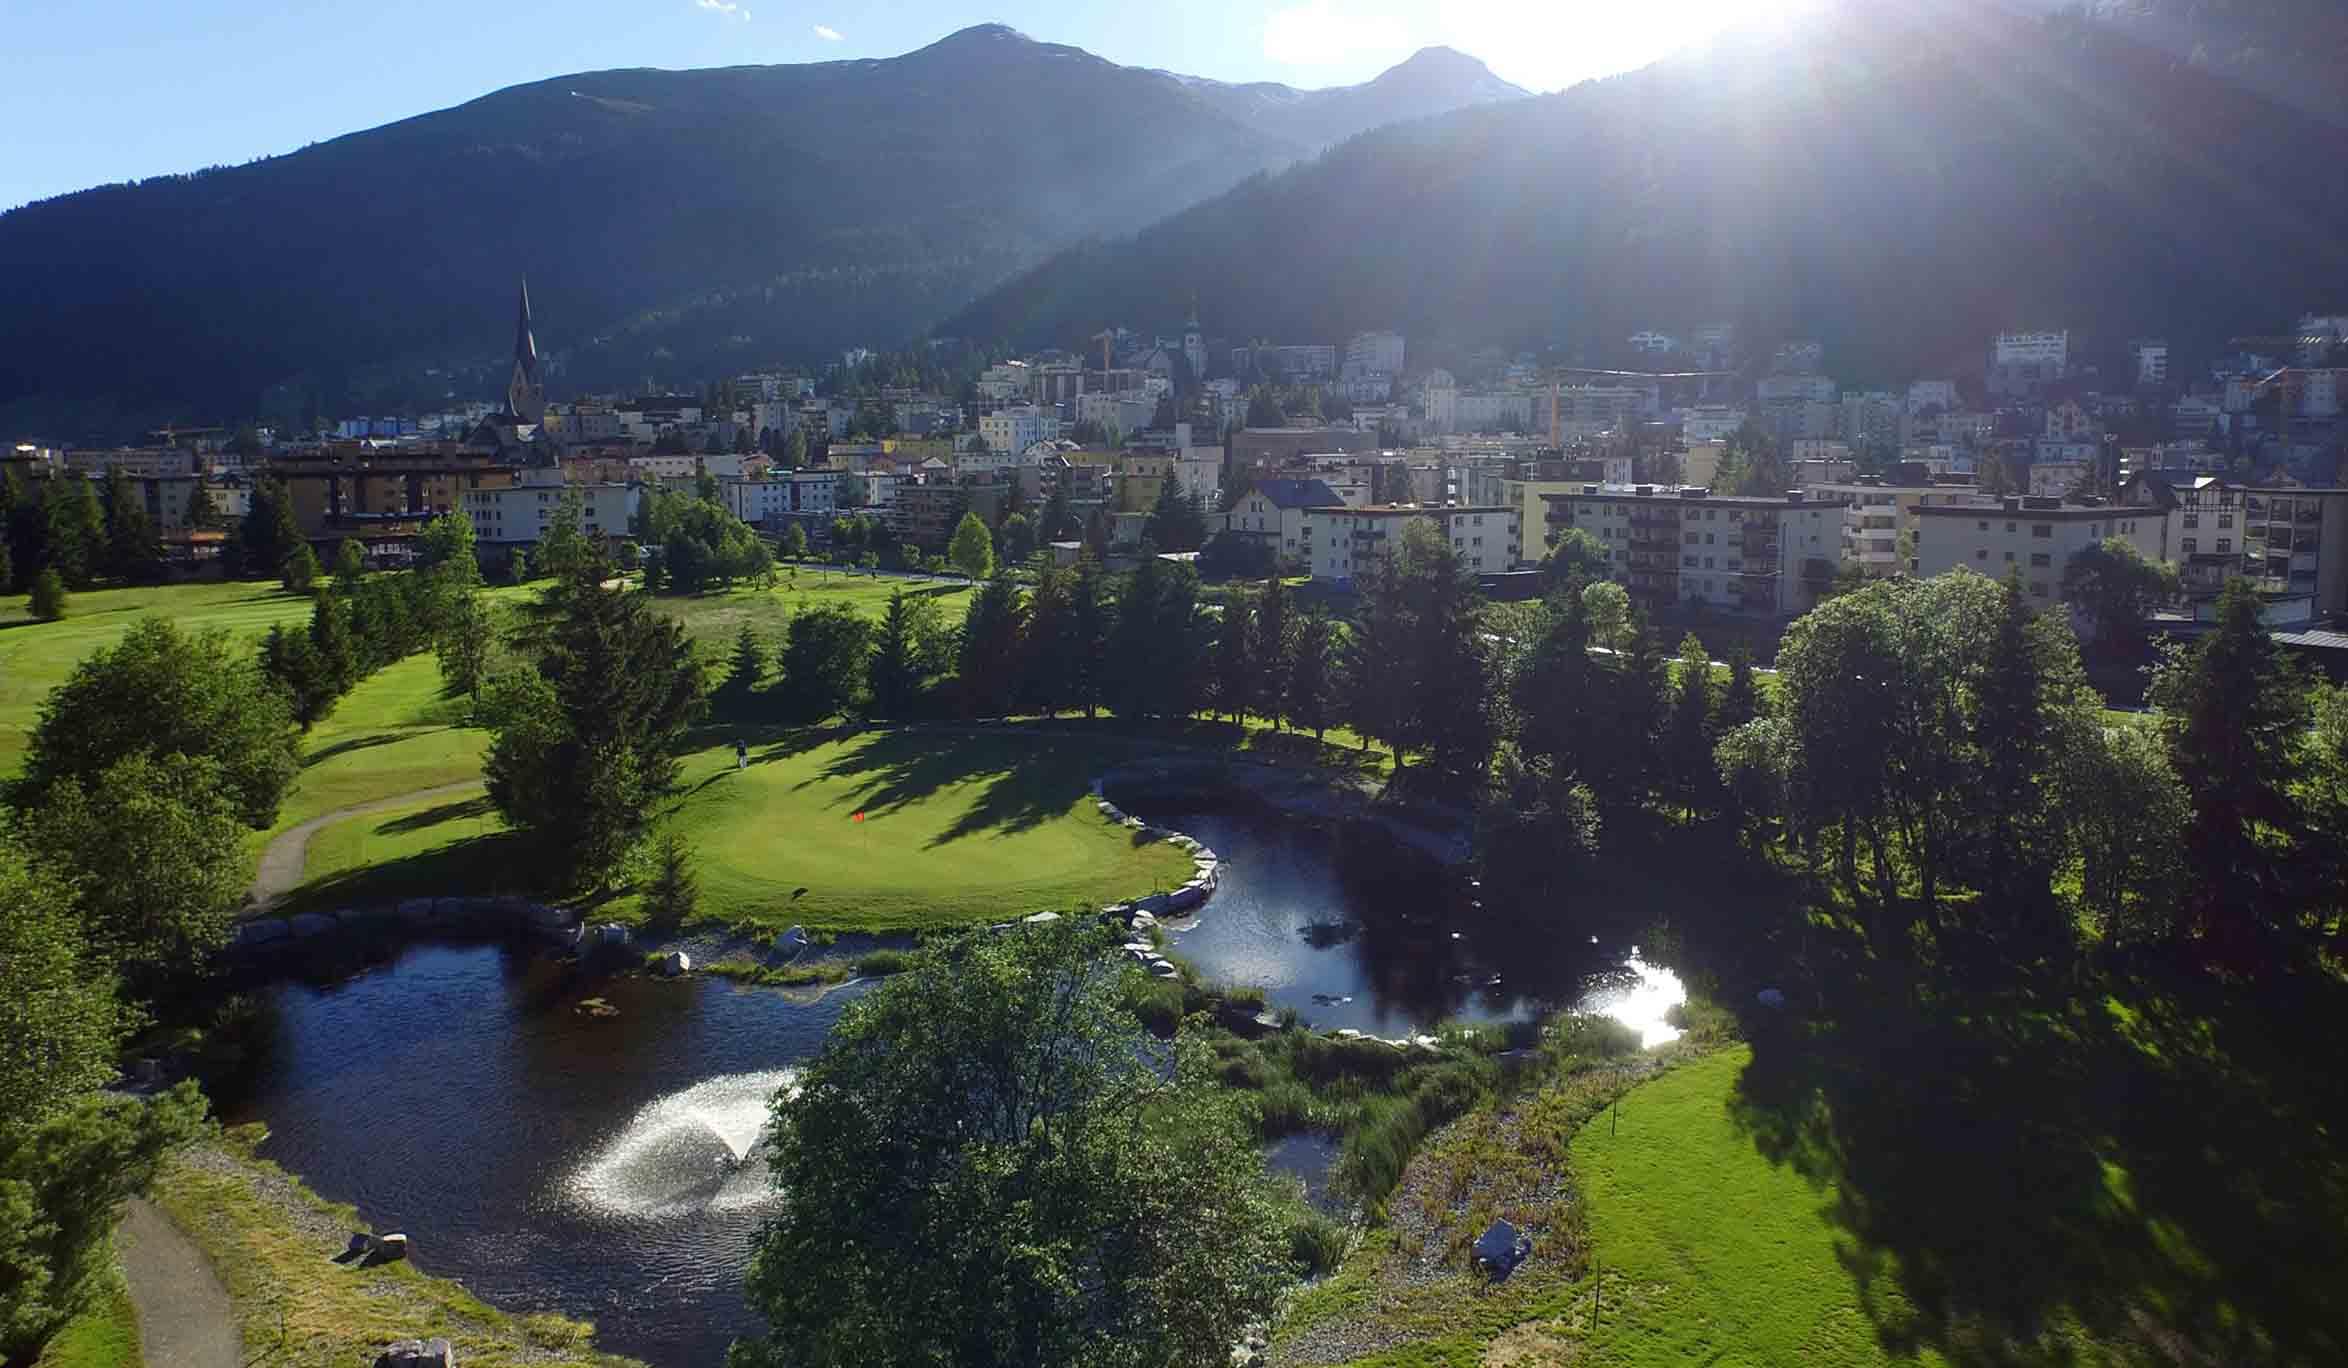 Ein wunderschöner Golfplatz in direkter Nachbarschaft zu Davos